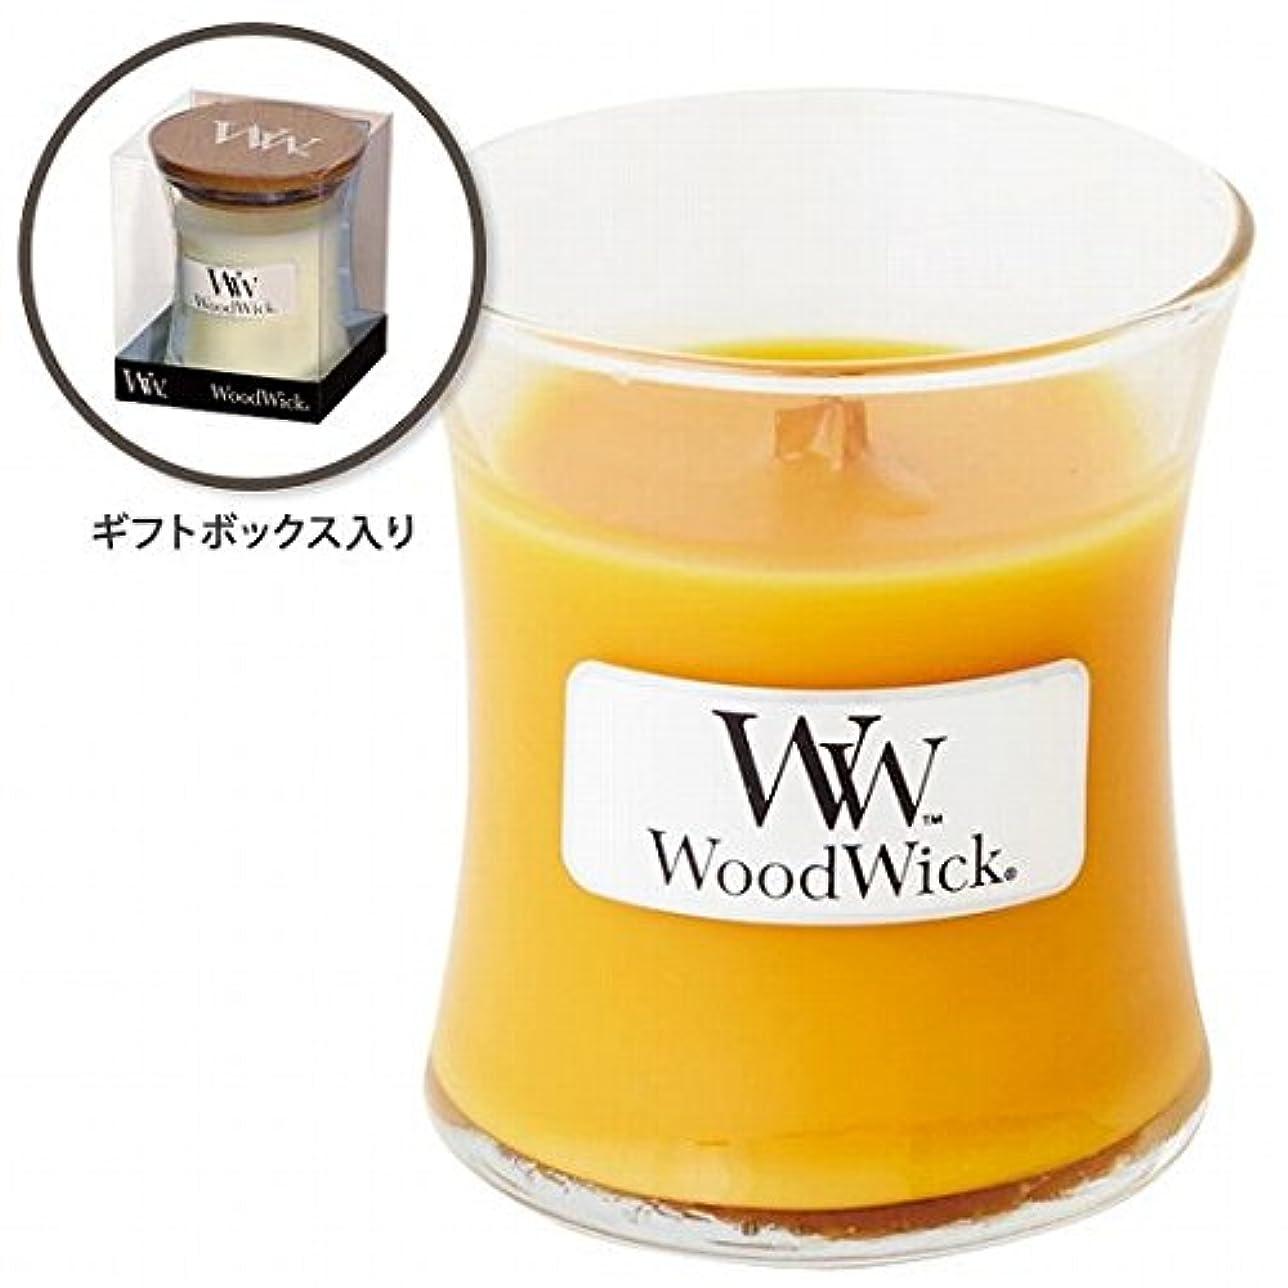 真っ逆さま複雑空白ウッドウィック( WoodWick ) Wood WickジャーS 「スパークリングオレンジ」